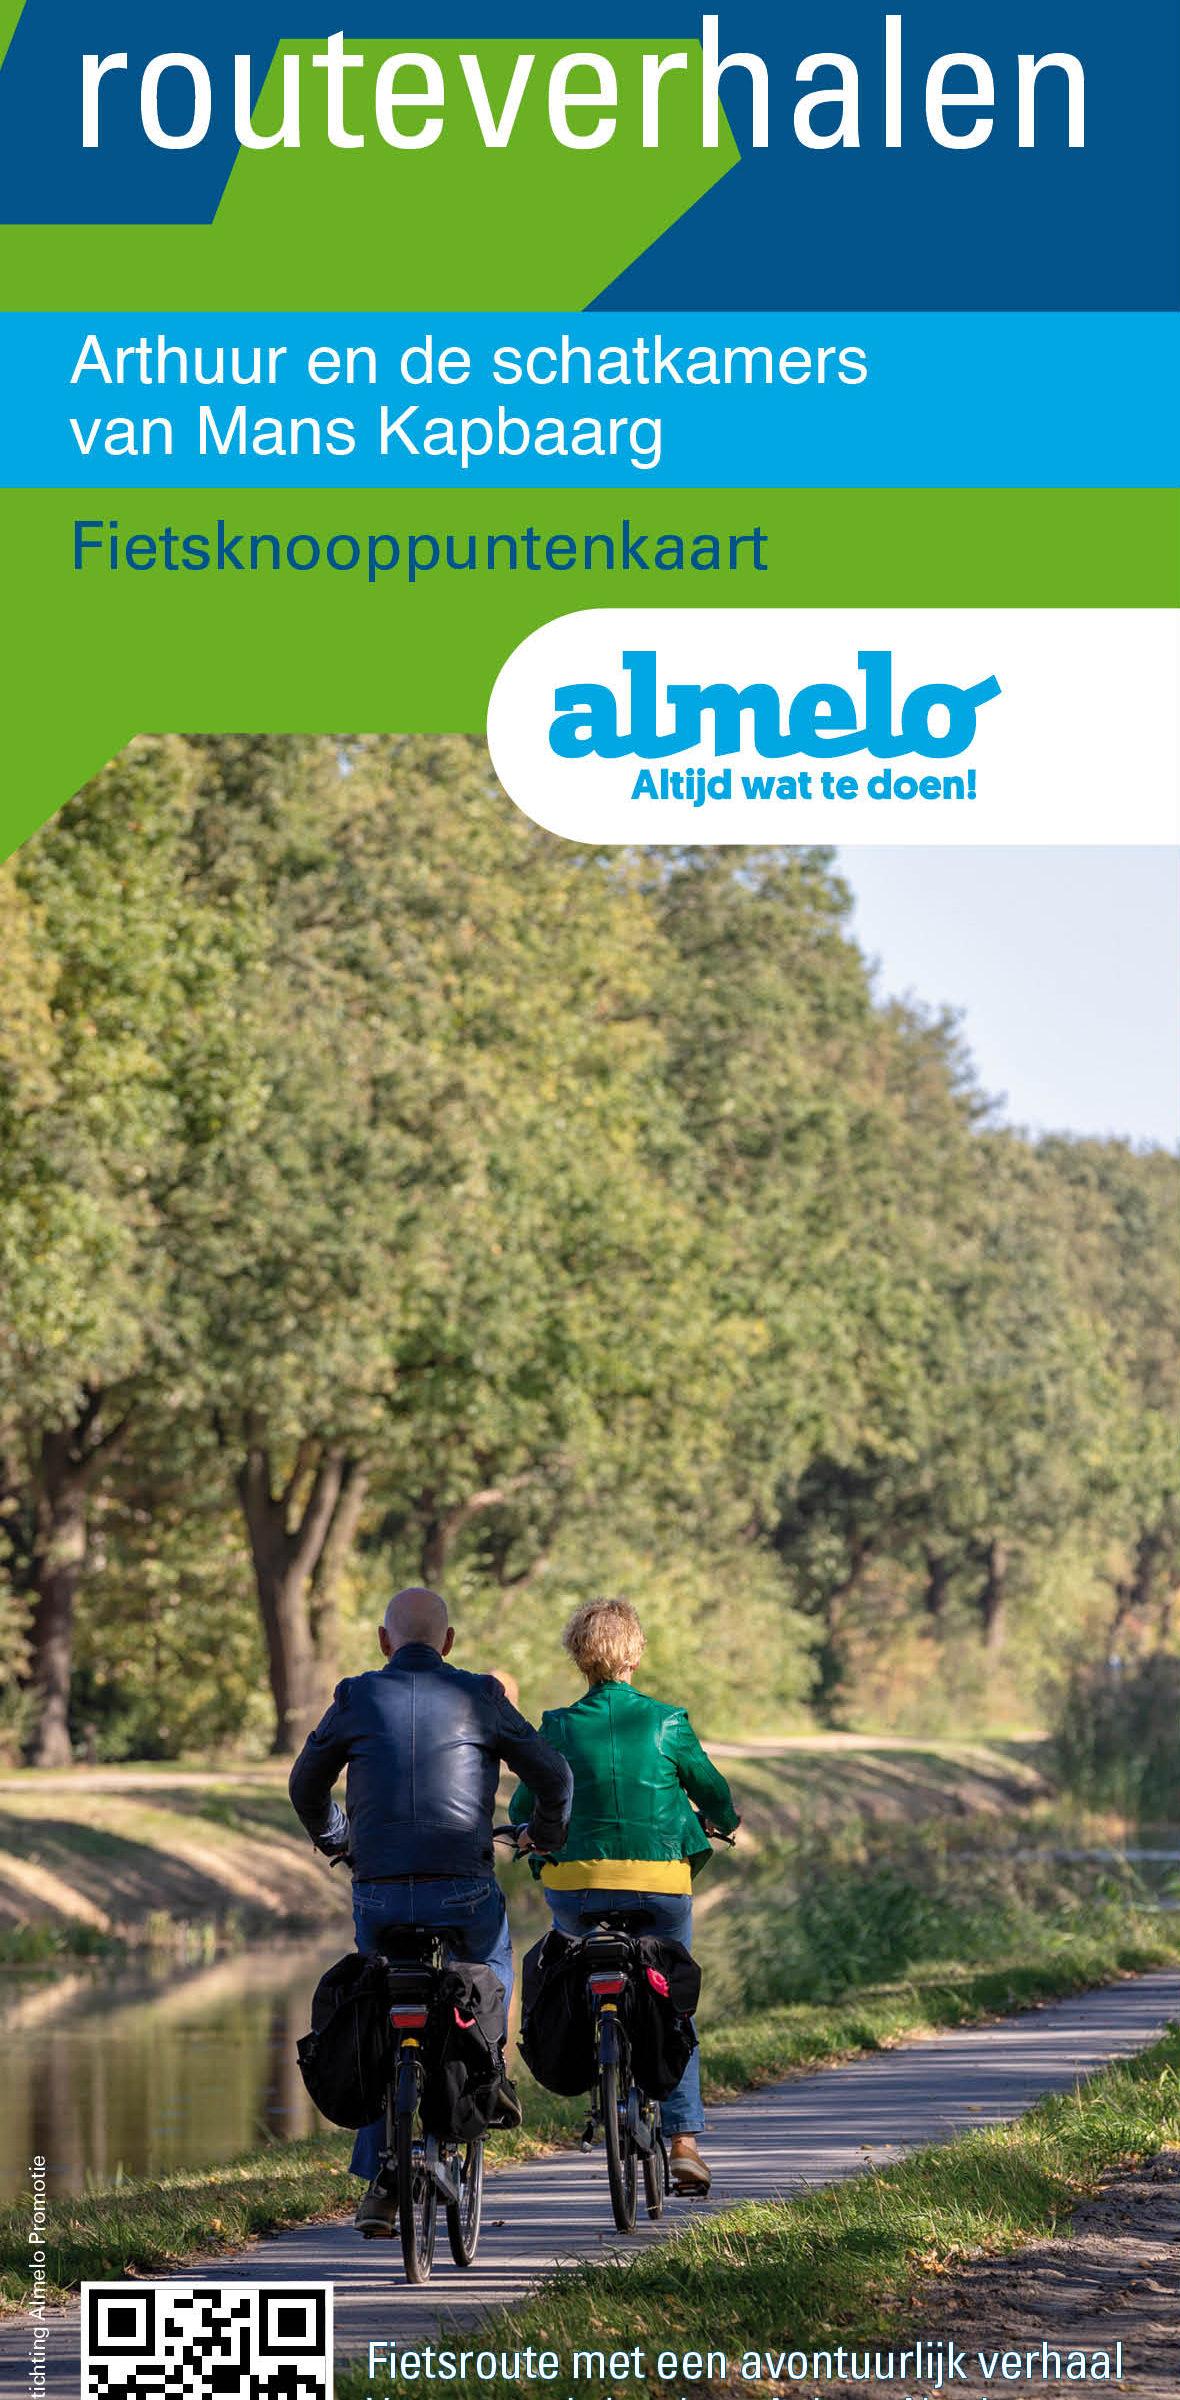 Cover Arthuur fietsknooppuntenkaart Almelo en Twente